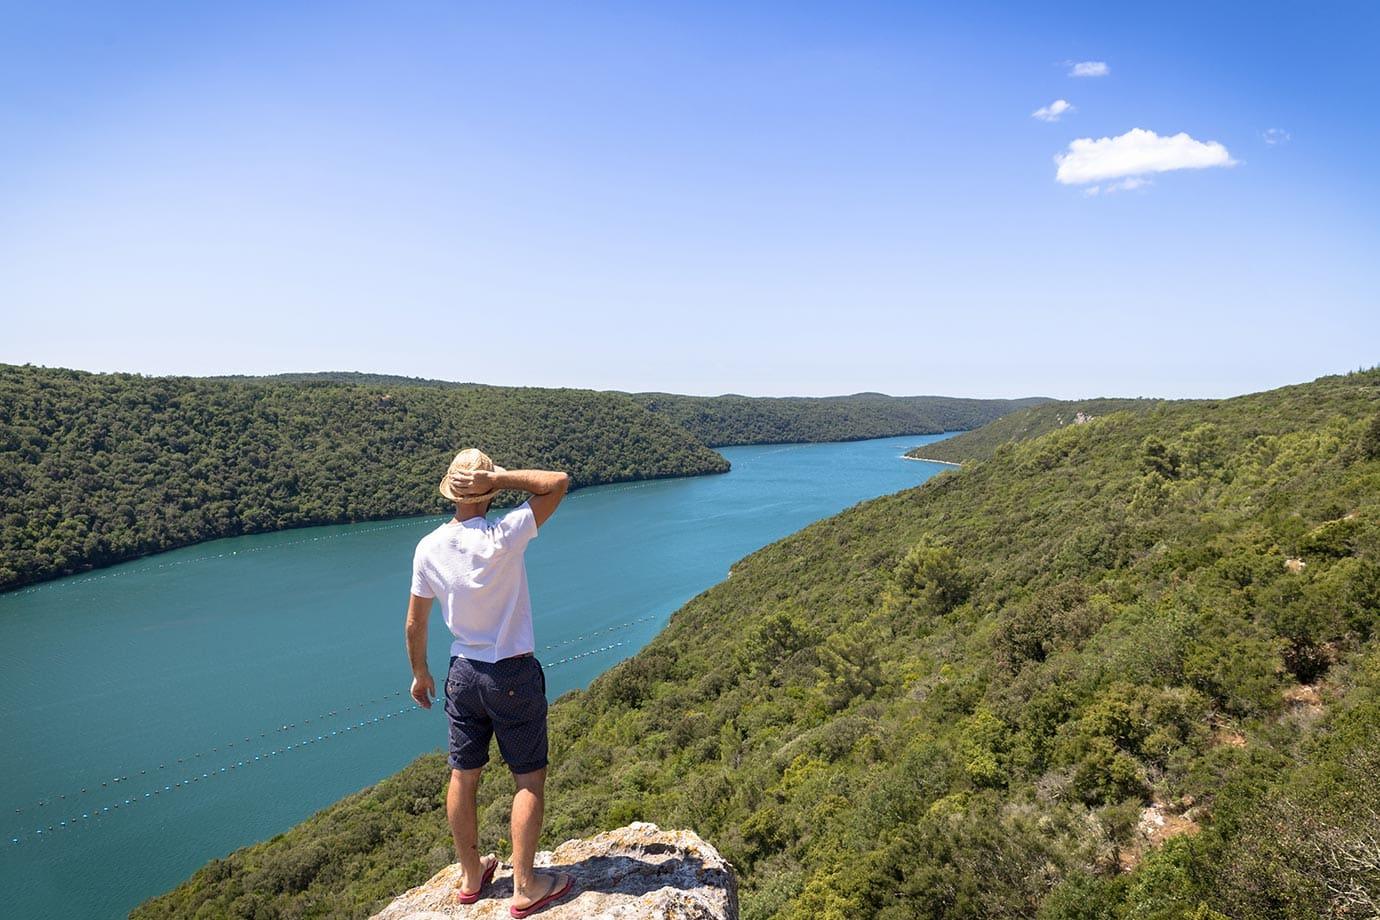 Viewpoint in Croatia